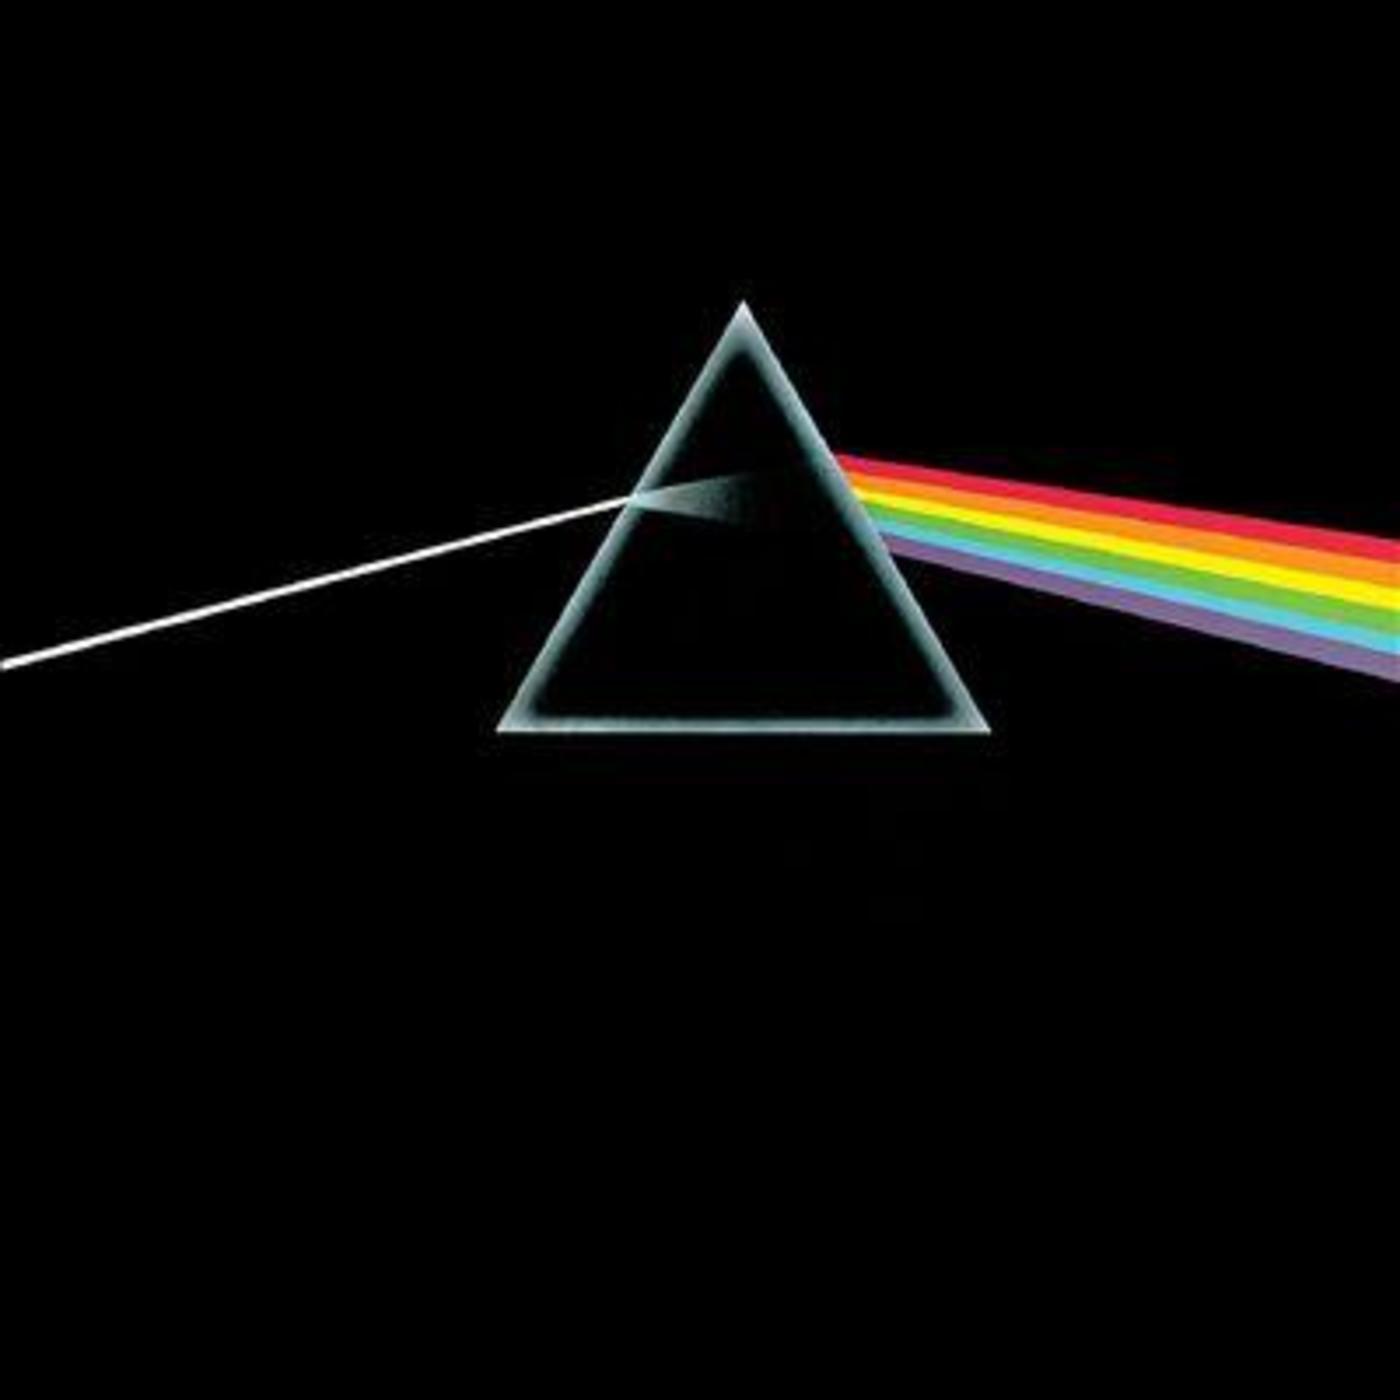 平克弗洛伊德《月之暗面》专辑封面